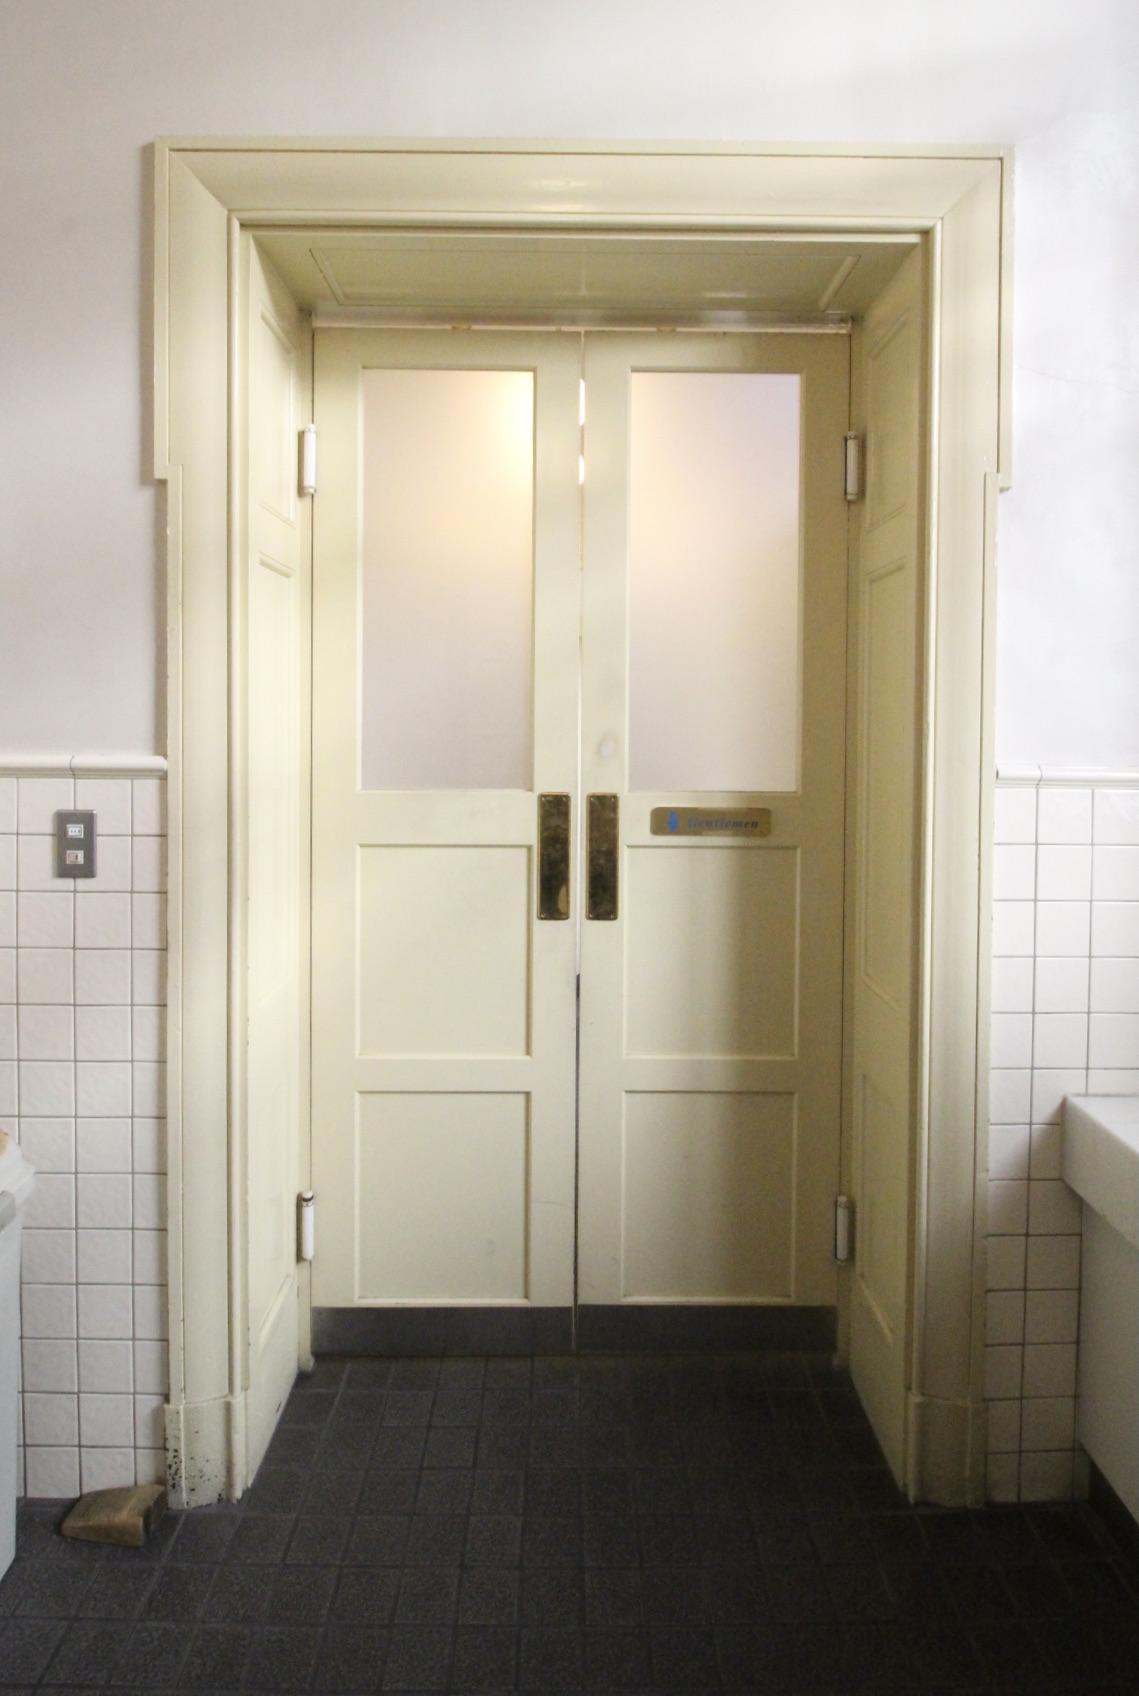 トイレの建具もレトロ